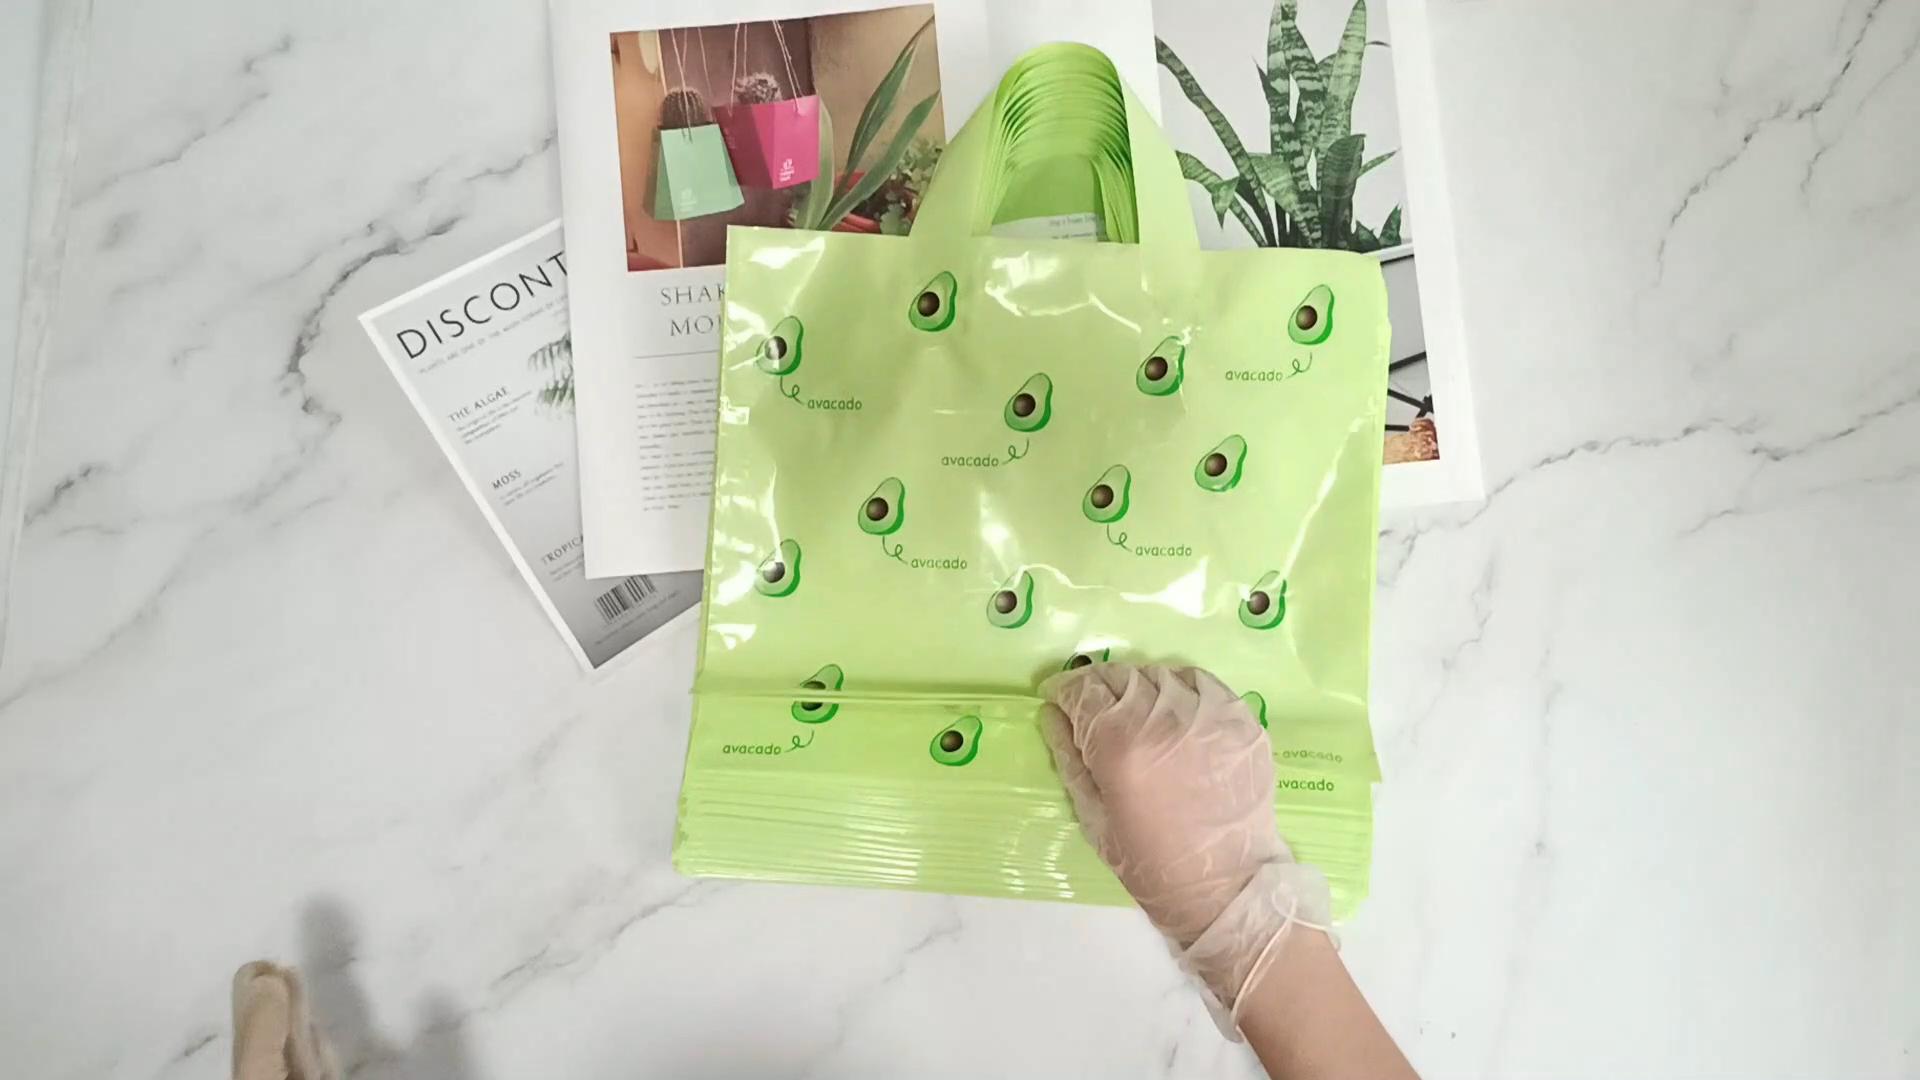 Gedruckt Avocado Logo Einkaufen Kunststoff tasche Flexiloop Griff Träger Tasche shop taschen tragen taschen kunststoff mit großhandel preis